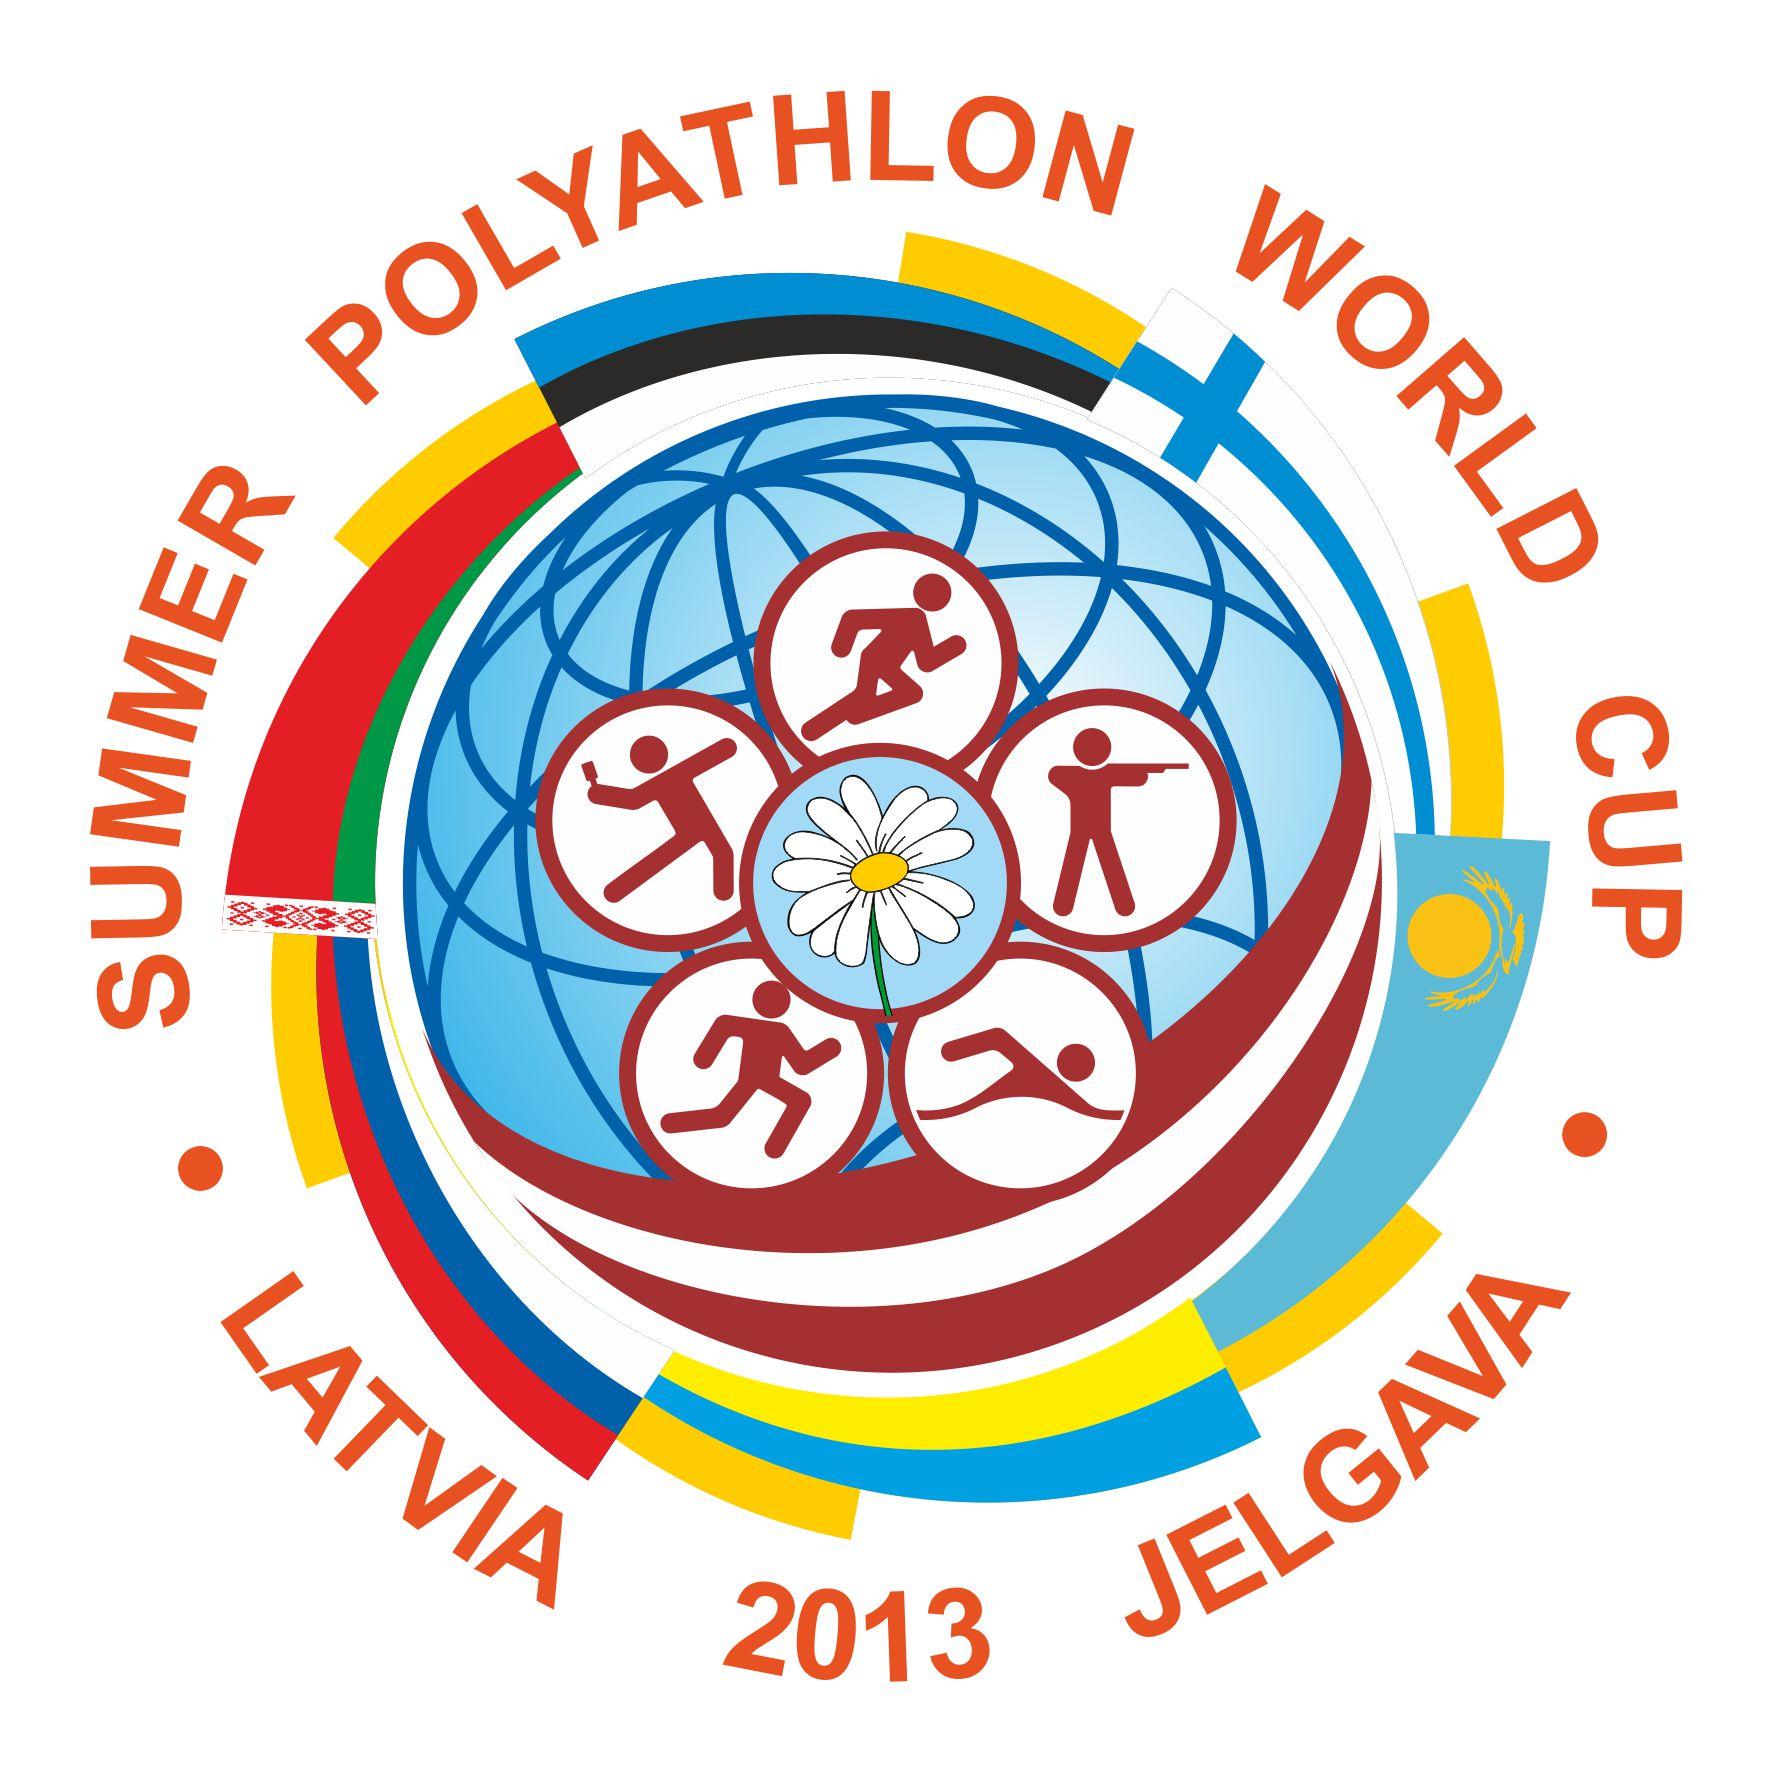 Протоколы Кубка Мира по летнему полиалону 24-28 июня 2013 Елгава Латвия